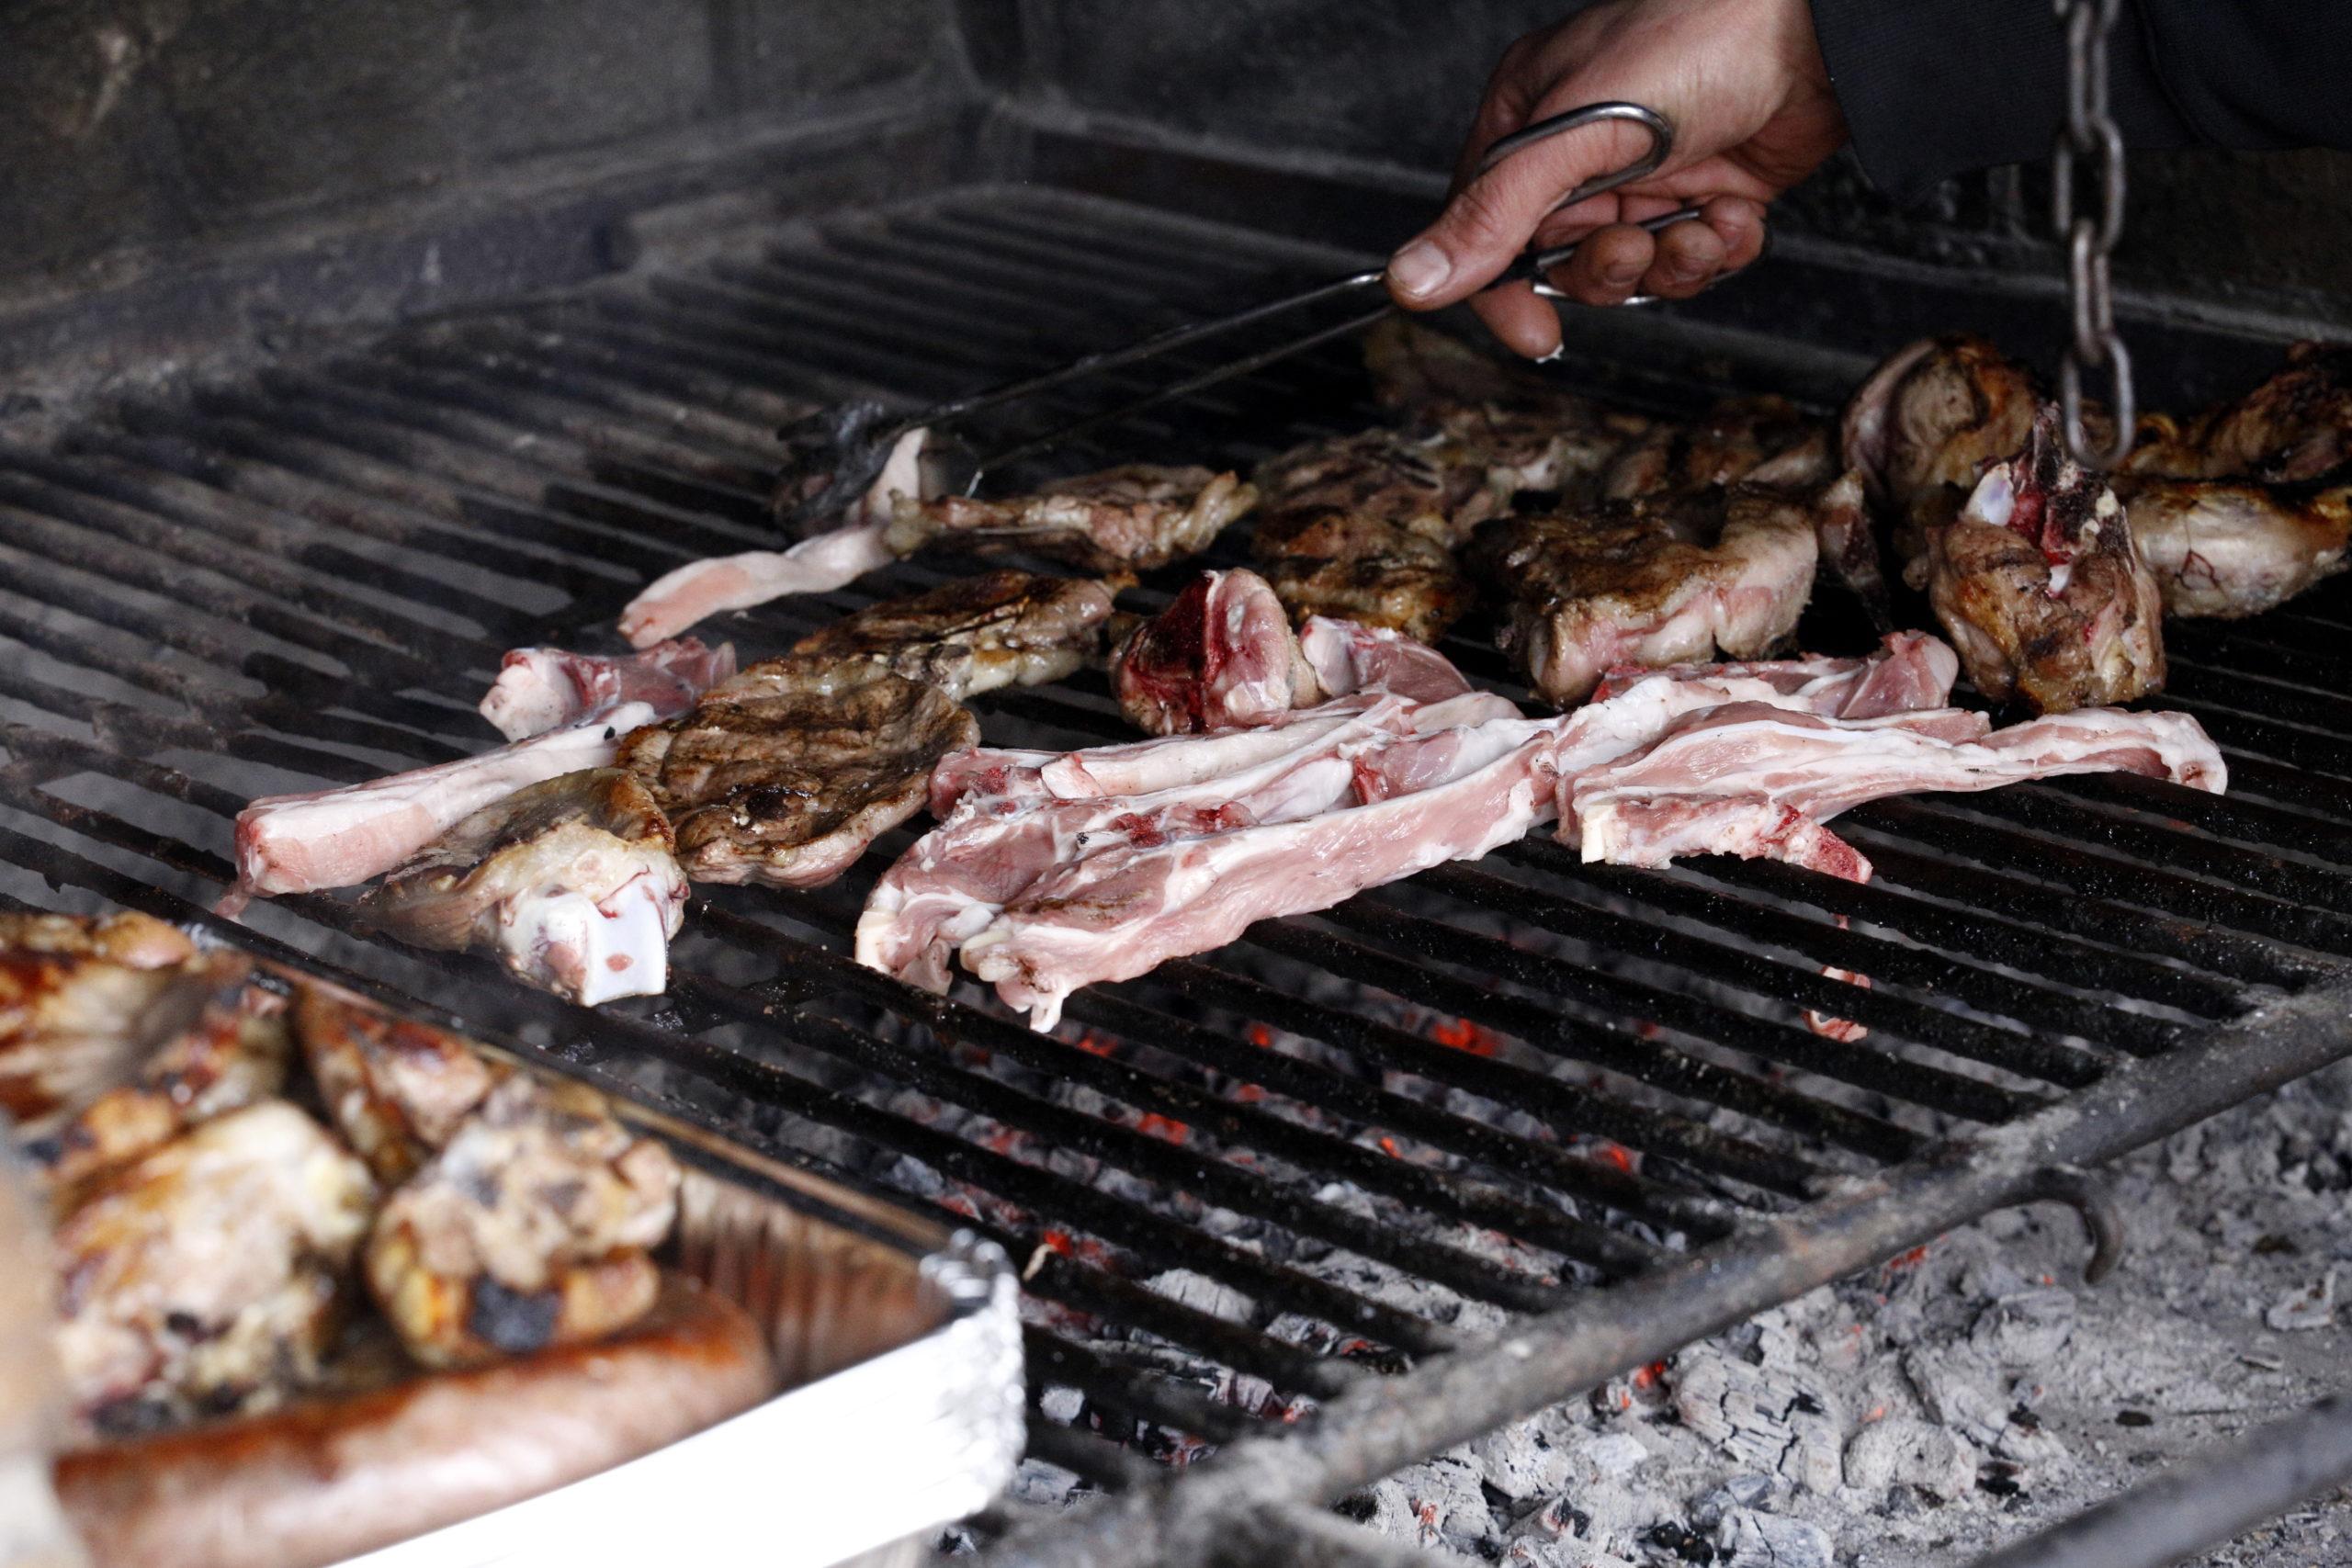 Carn de corder a la brasa | ACN